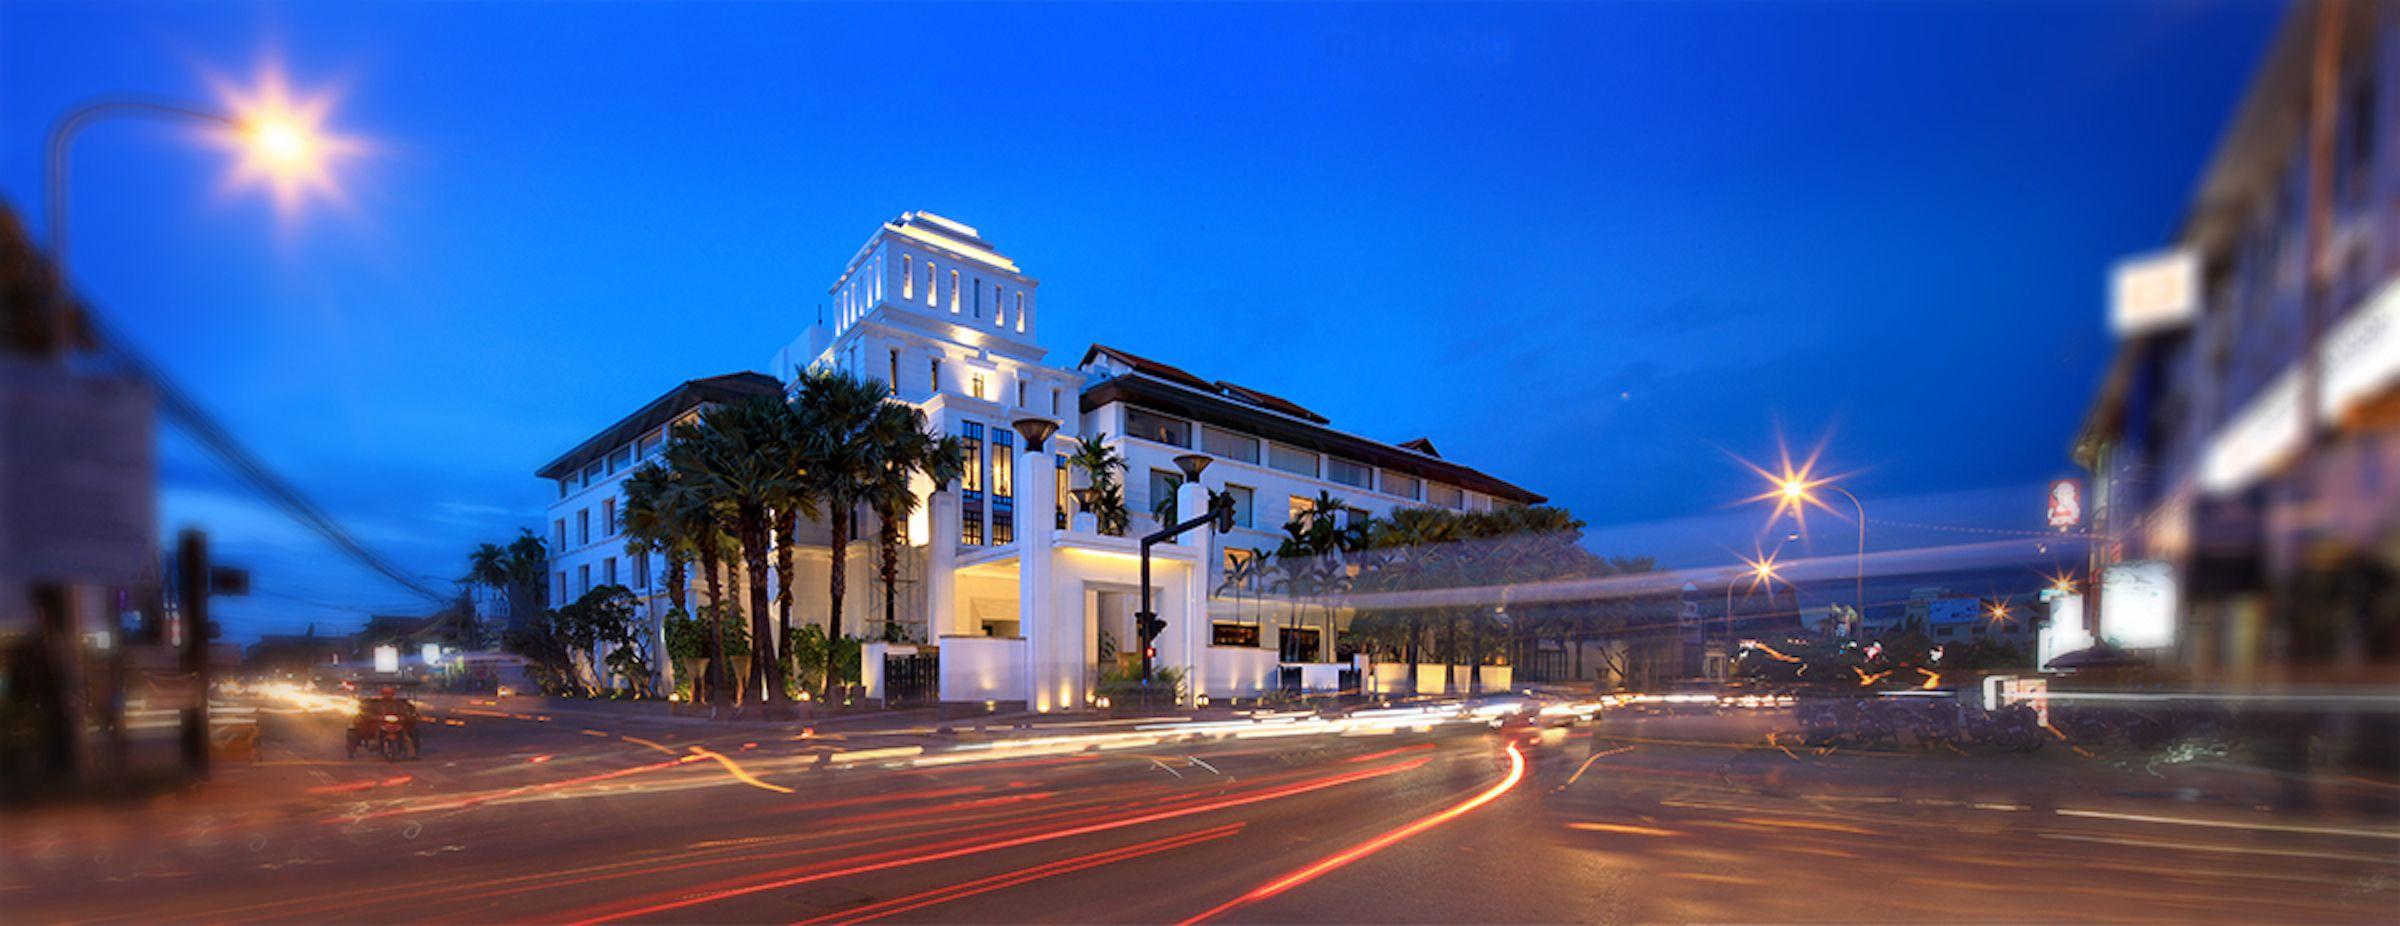 柬埔寨金边酒店服务员